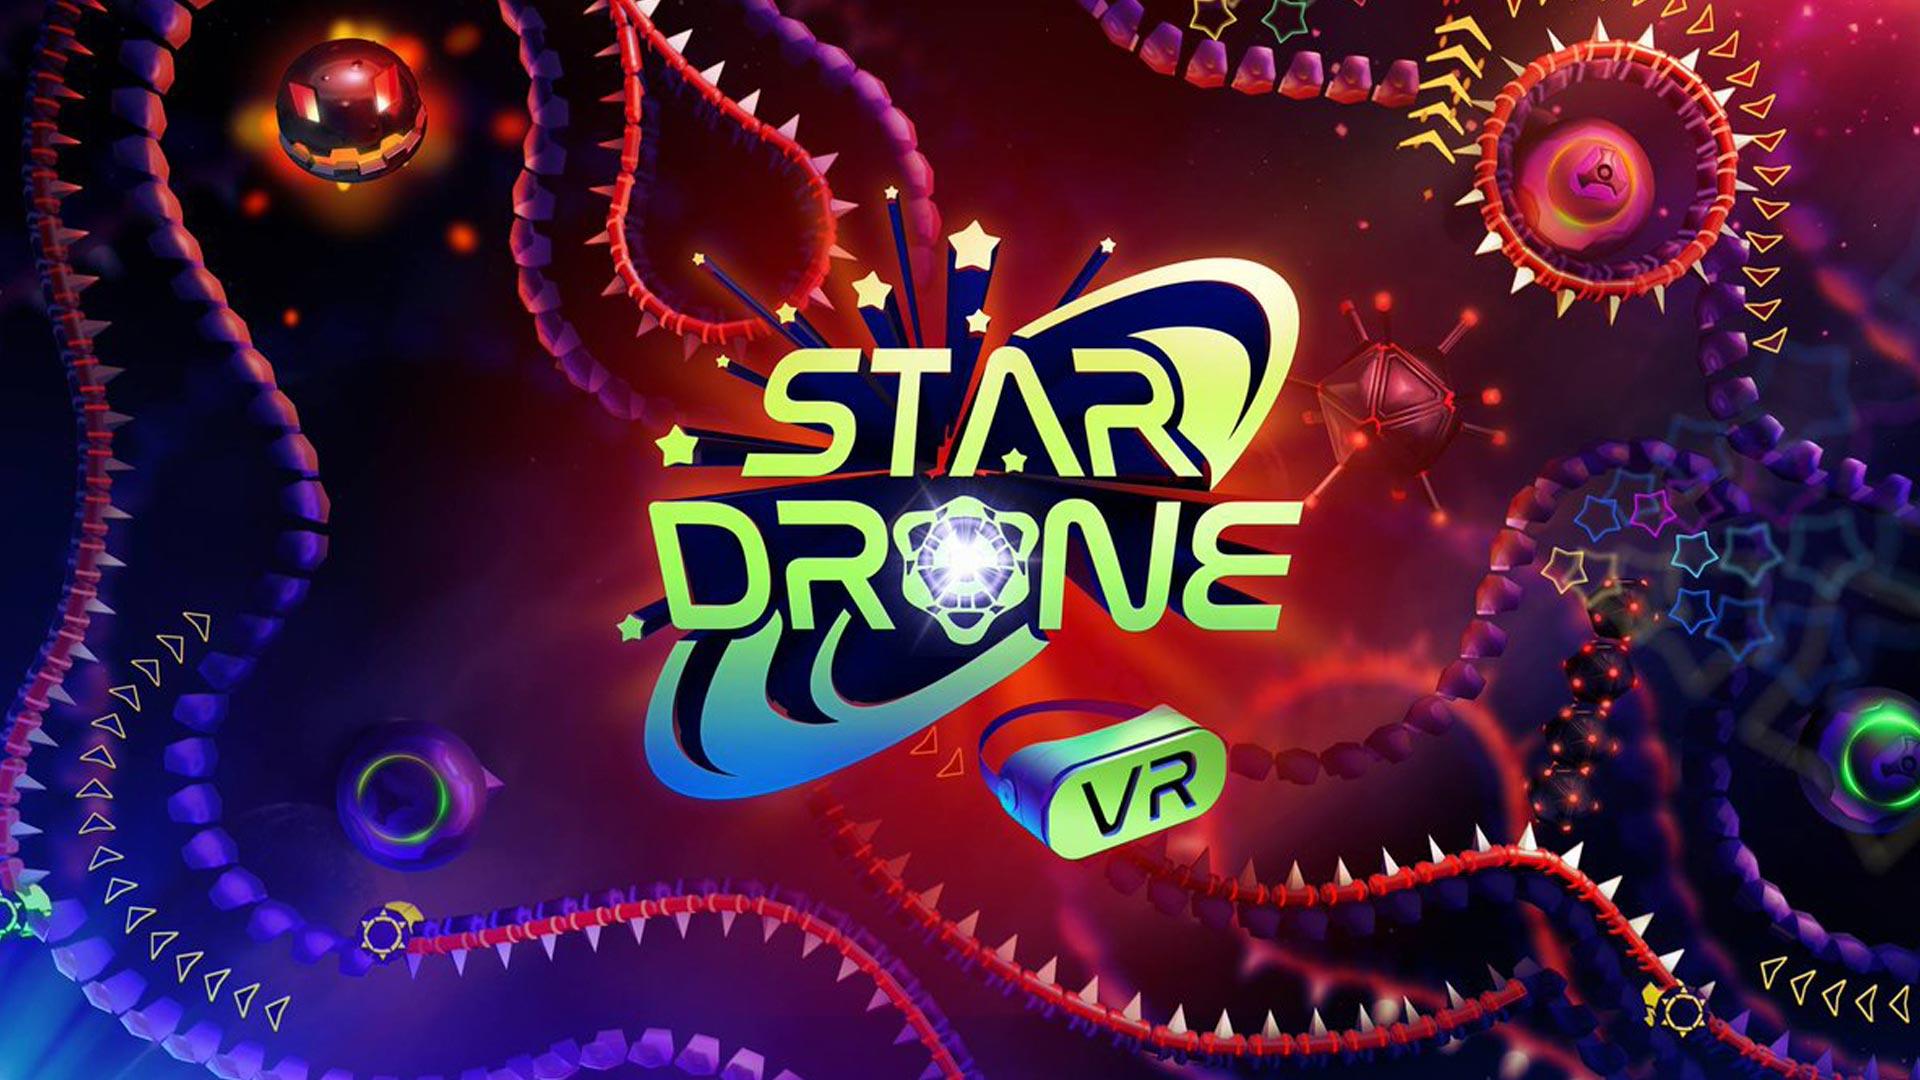 StarDrone VR, le 1er jeu PSVR de 2018 vrplayer.fr